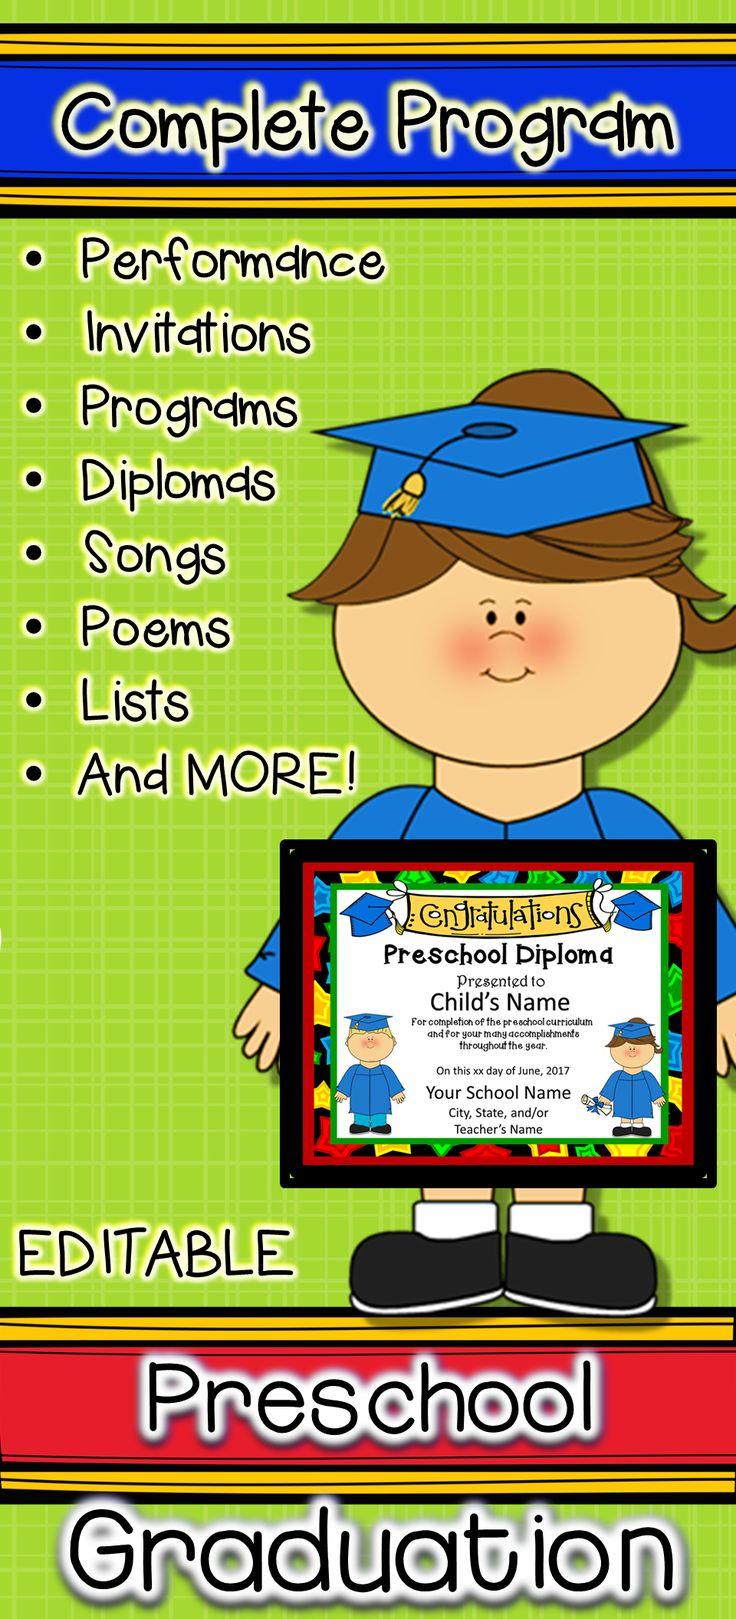 preschool graduation diplomas  invitations  and program